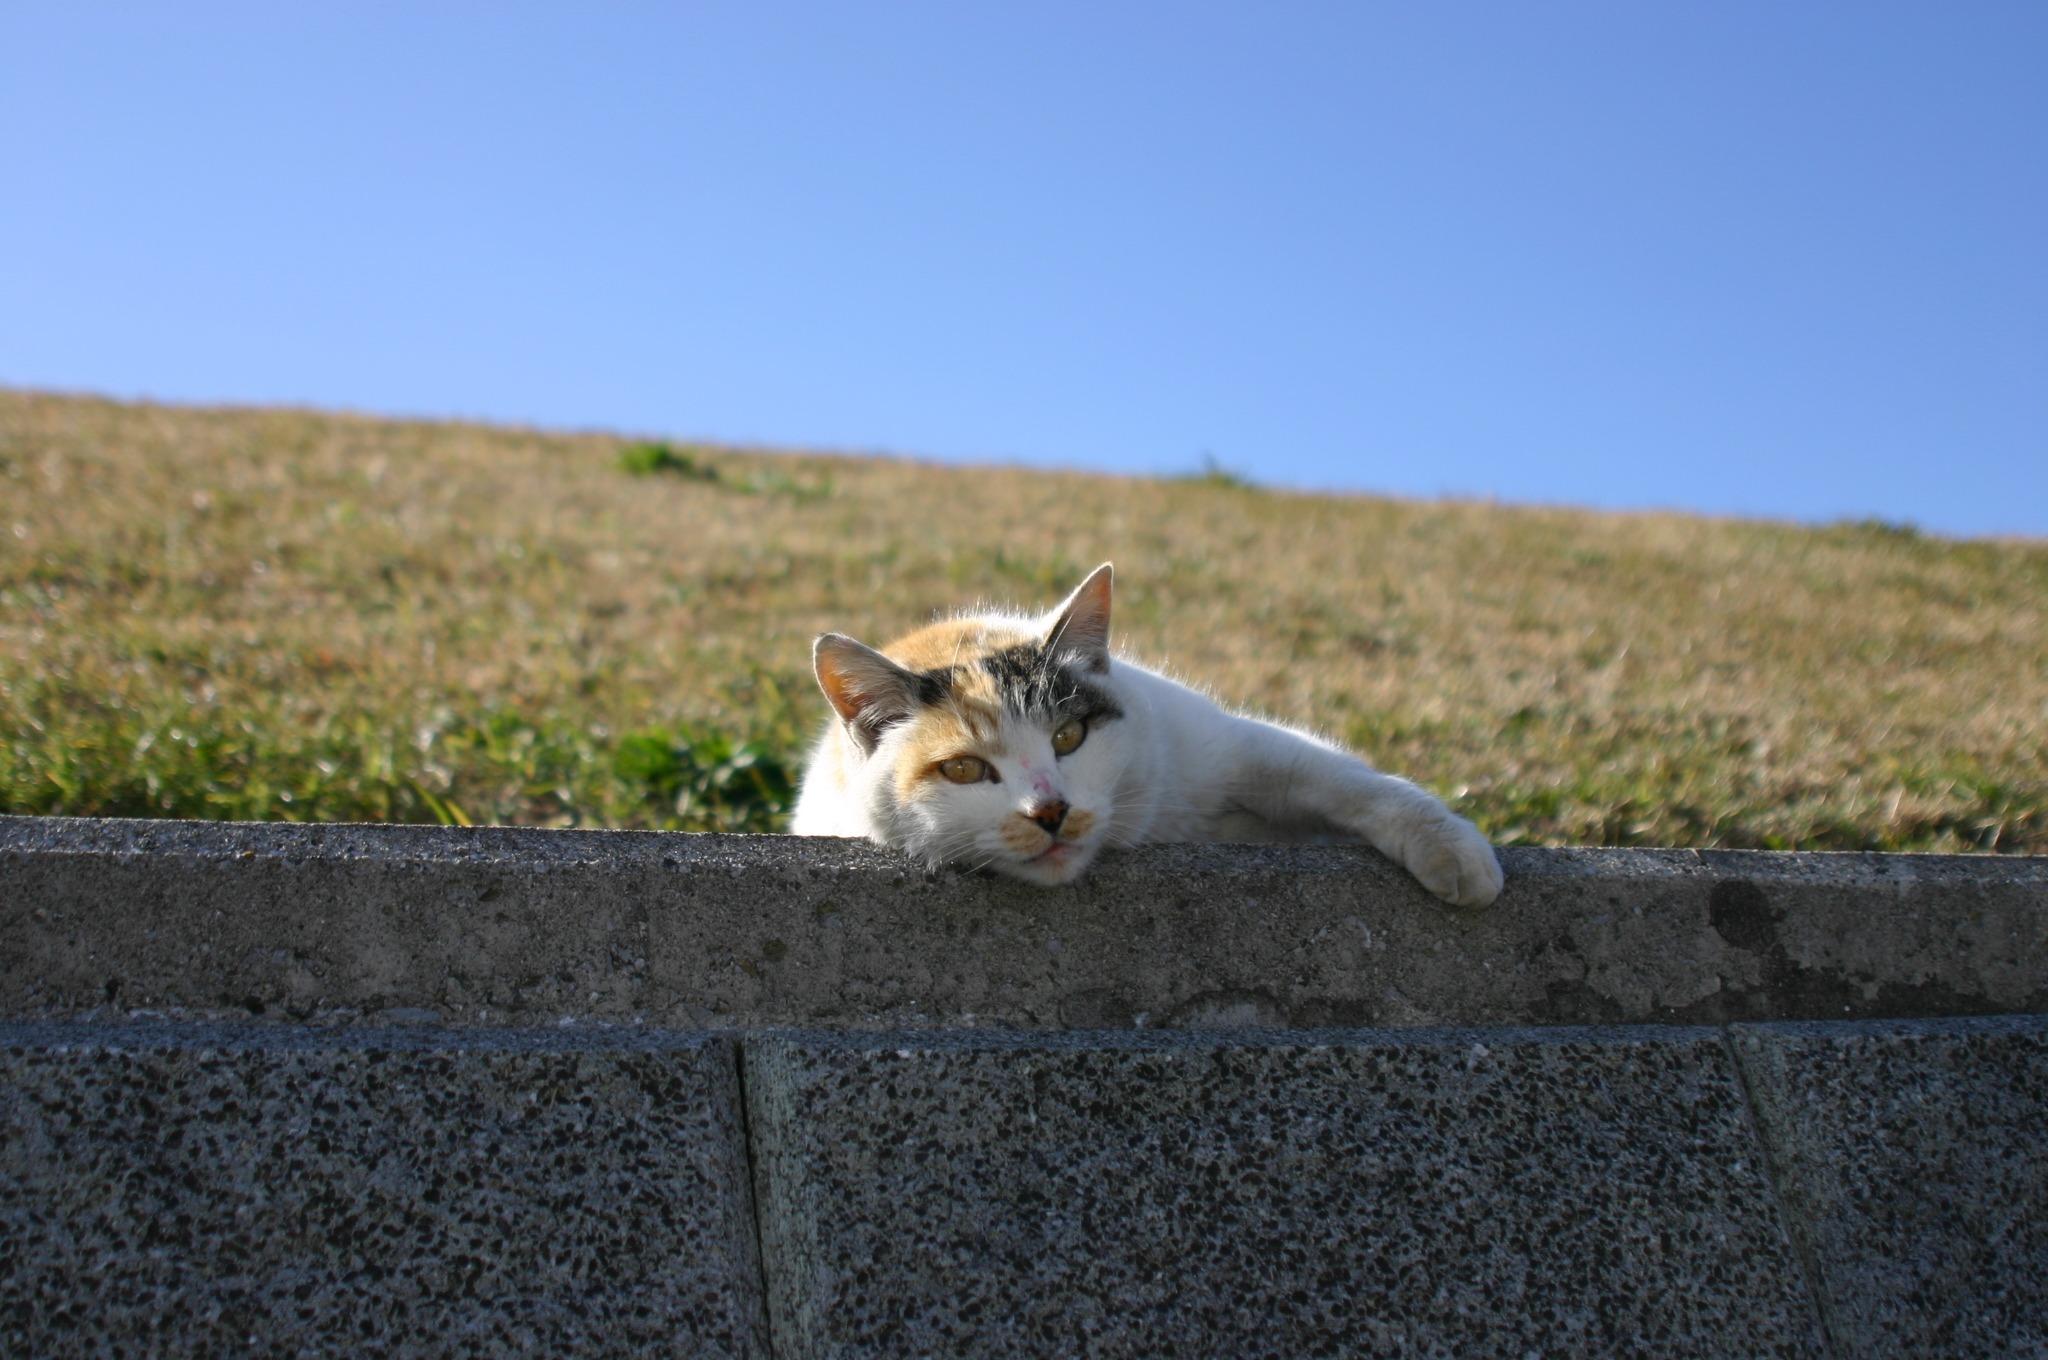 ポーズをとる猫